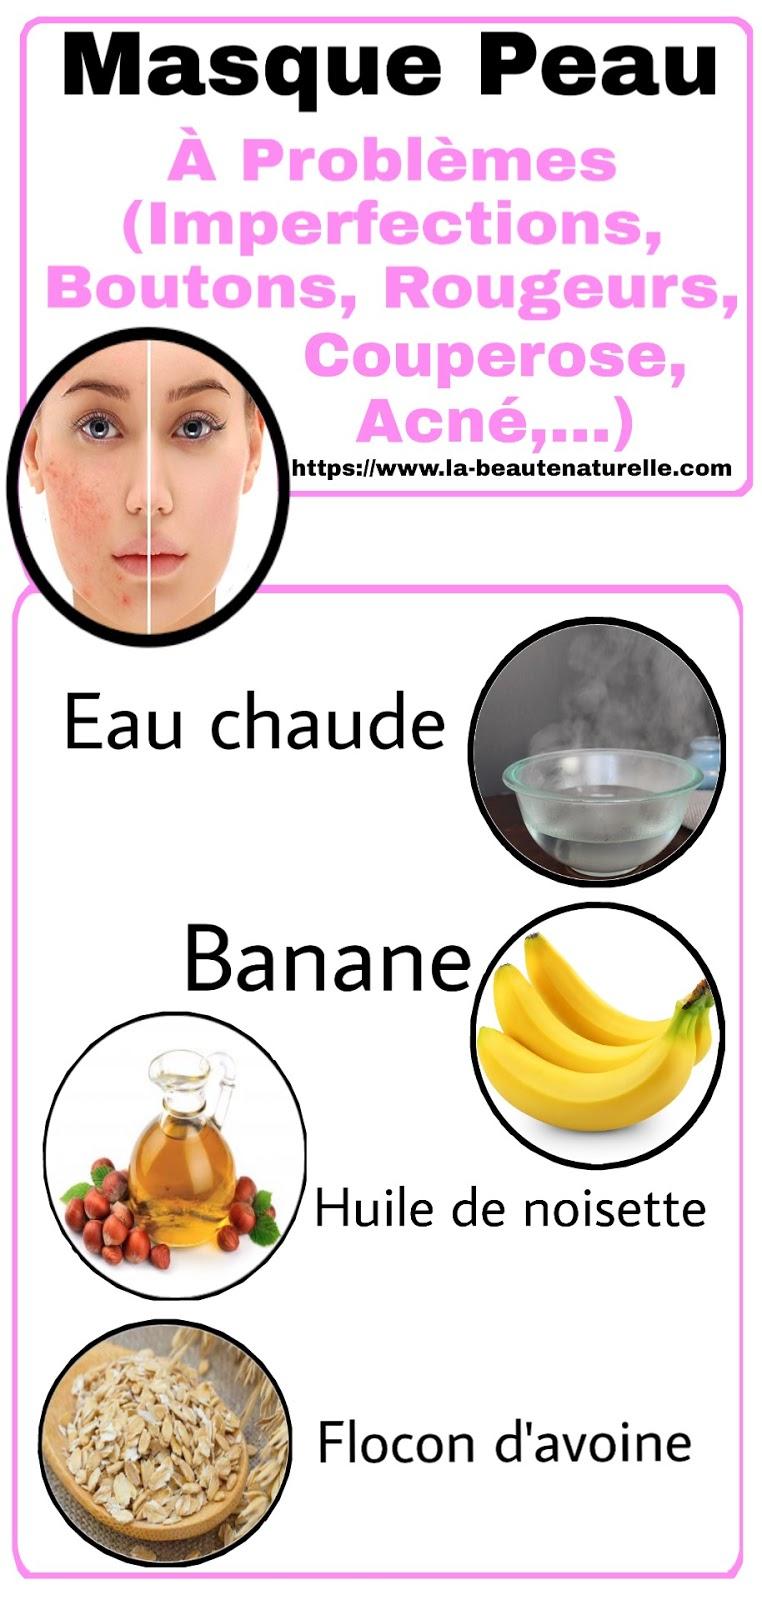 Masque Peau À Problèmes (Imperfections, Boutons, Rougeurs, Couperose, Acné,…)